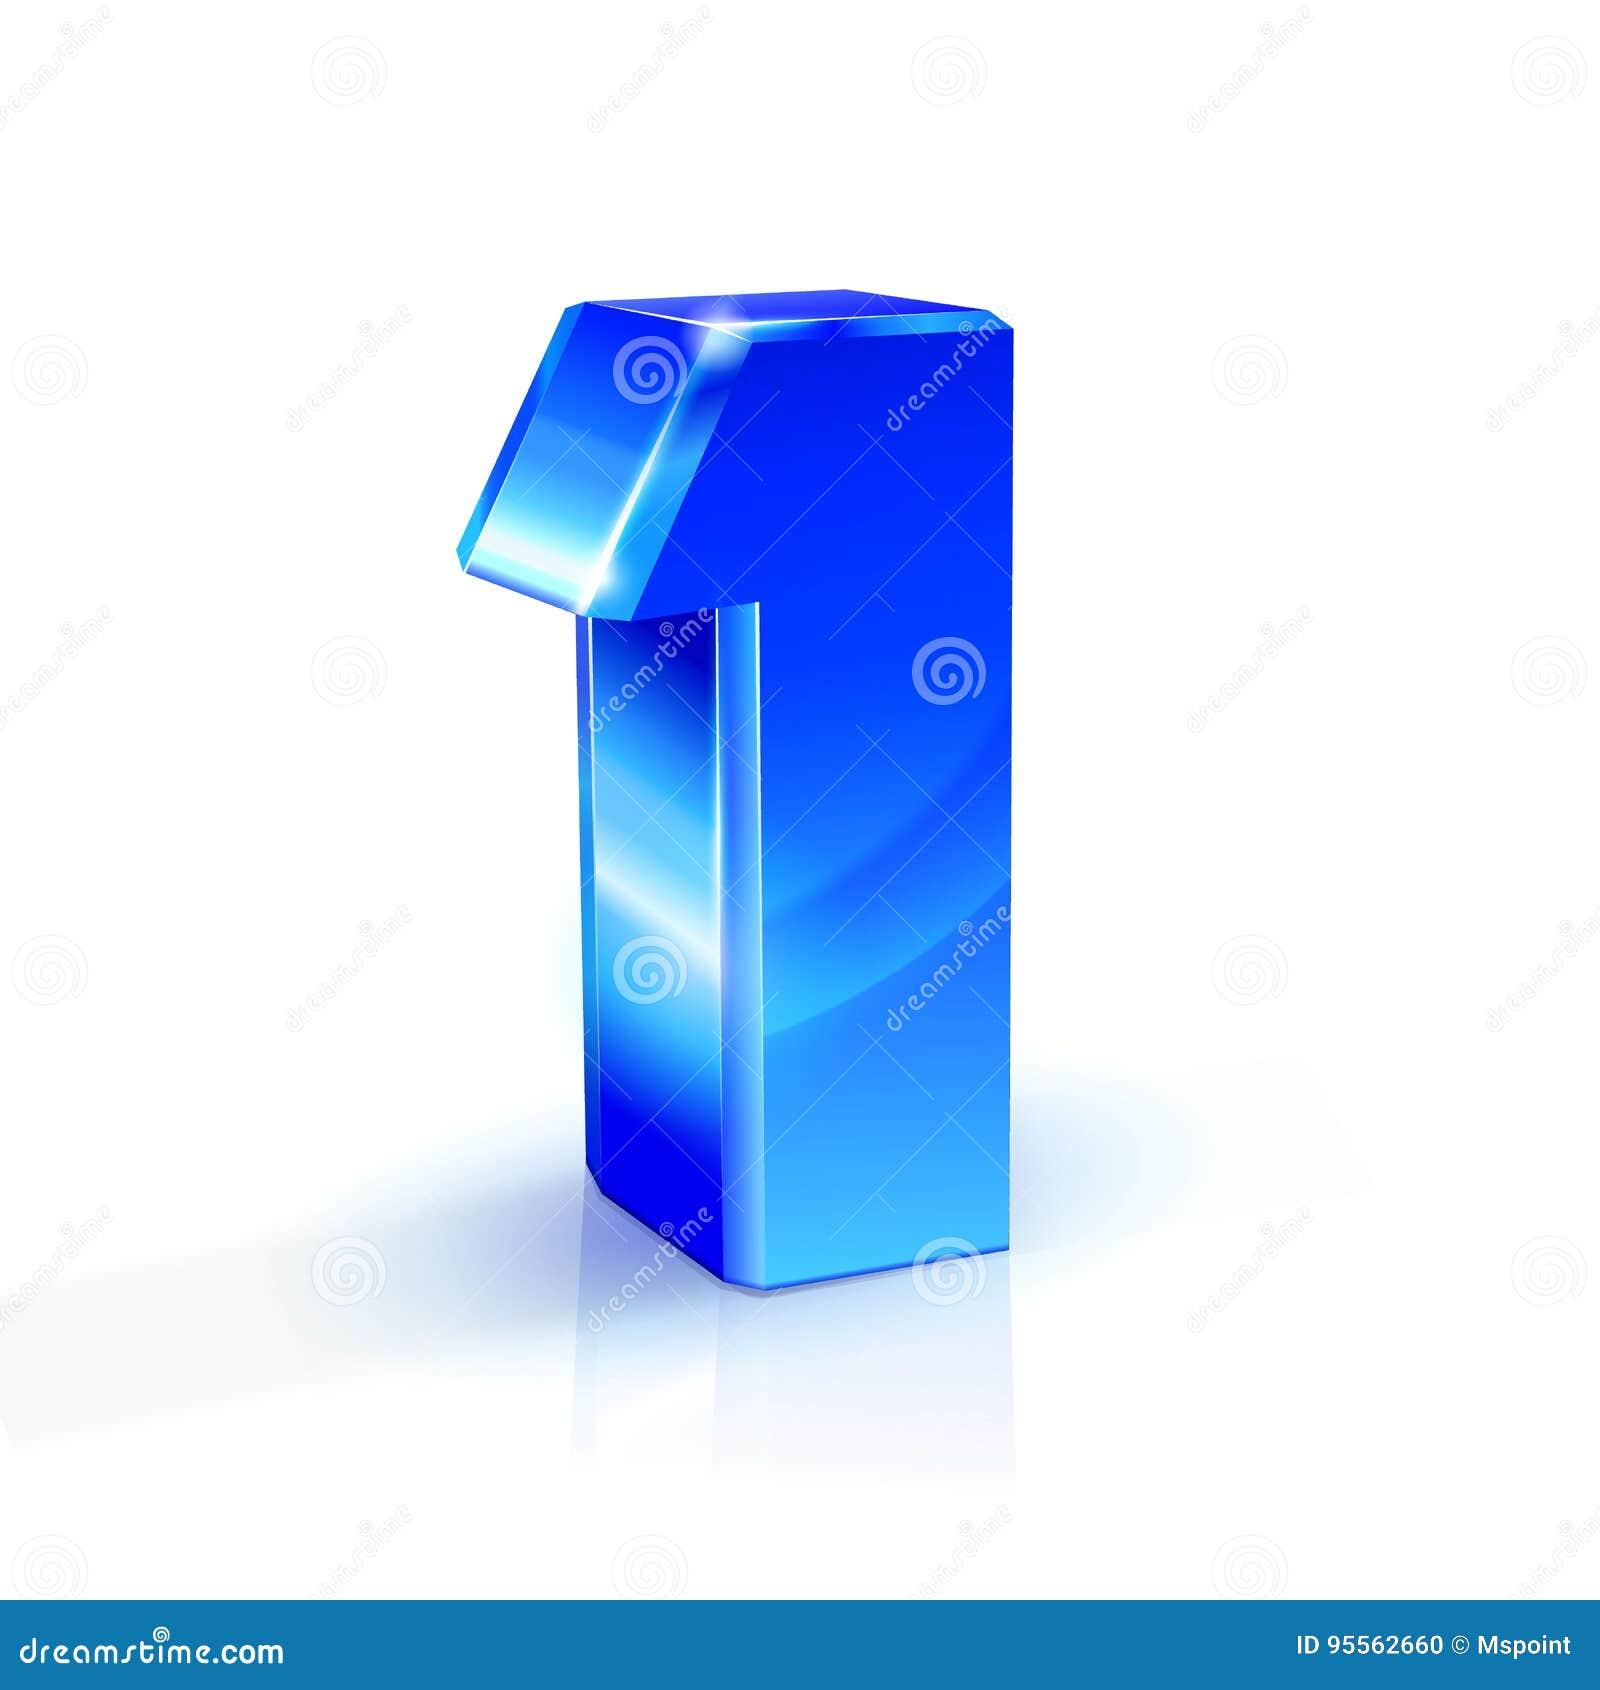 Azul lustroso um 1 número ilustração 3d no fundo branco